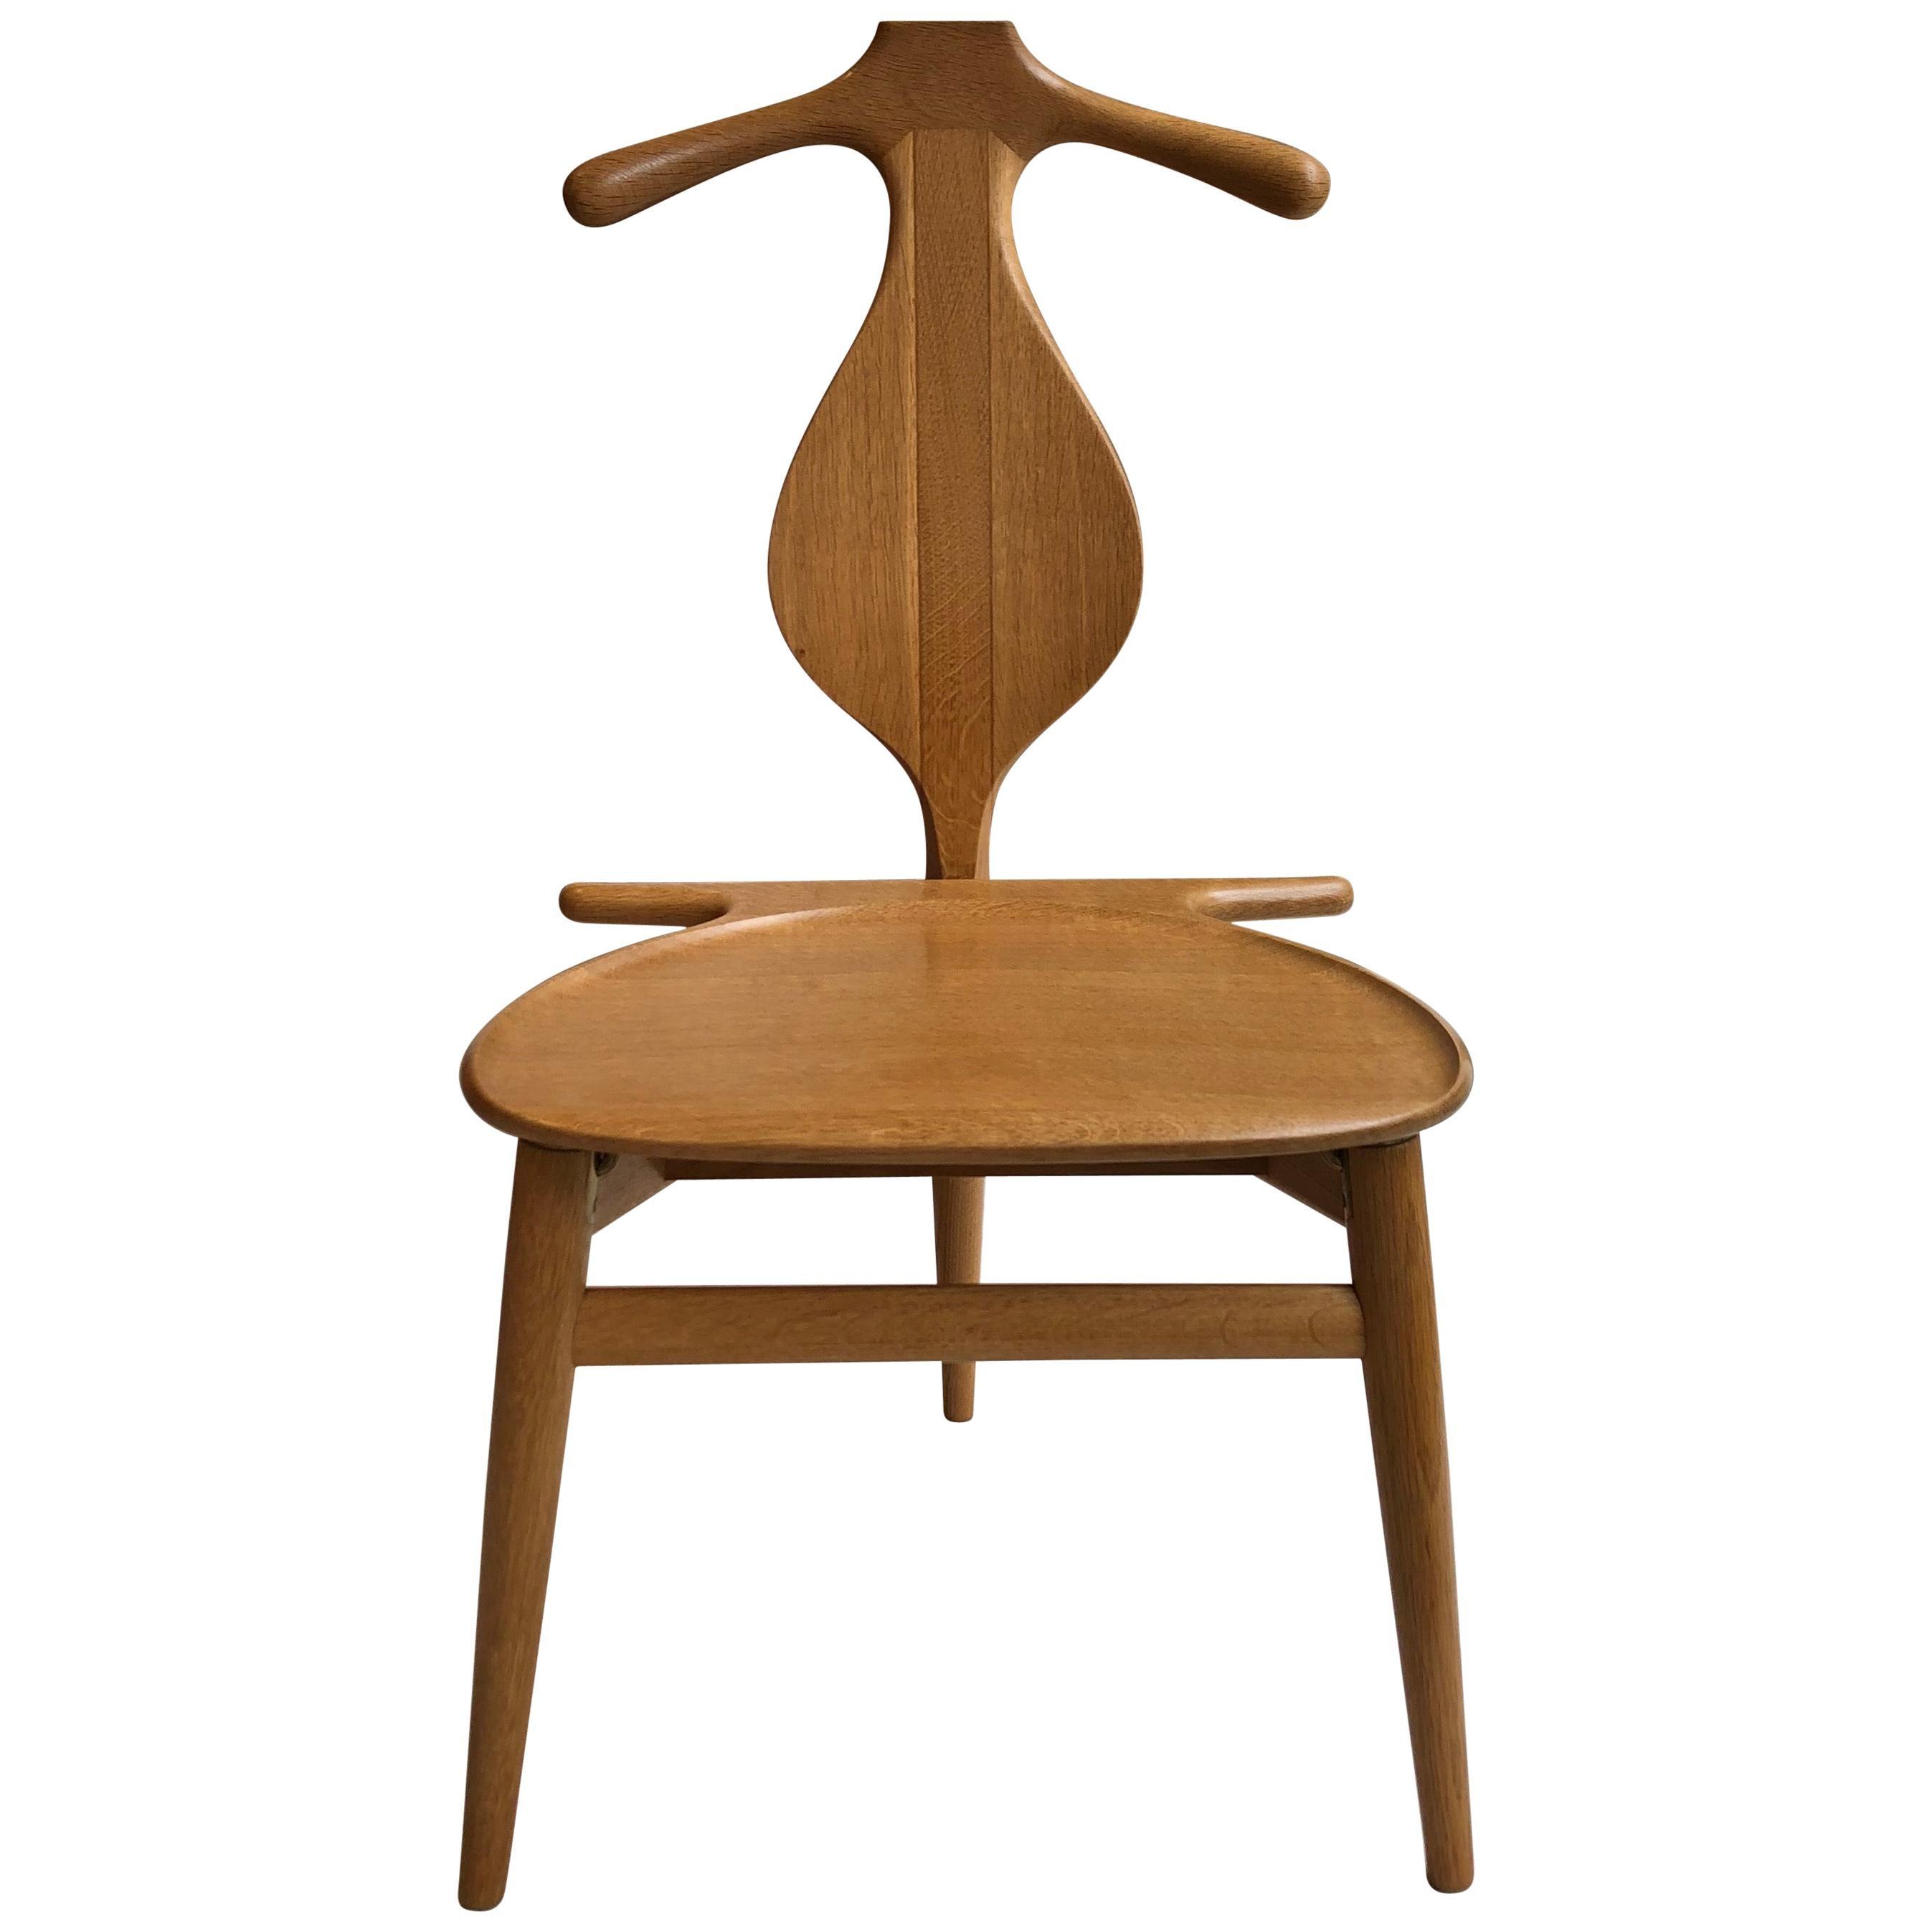 Hans Wegner 'Valet Chair' in Solid Oak for Johannes Hansen, 1953